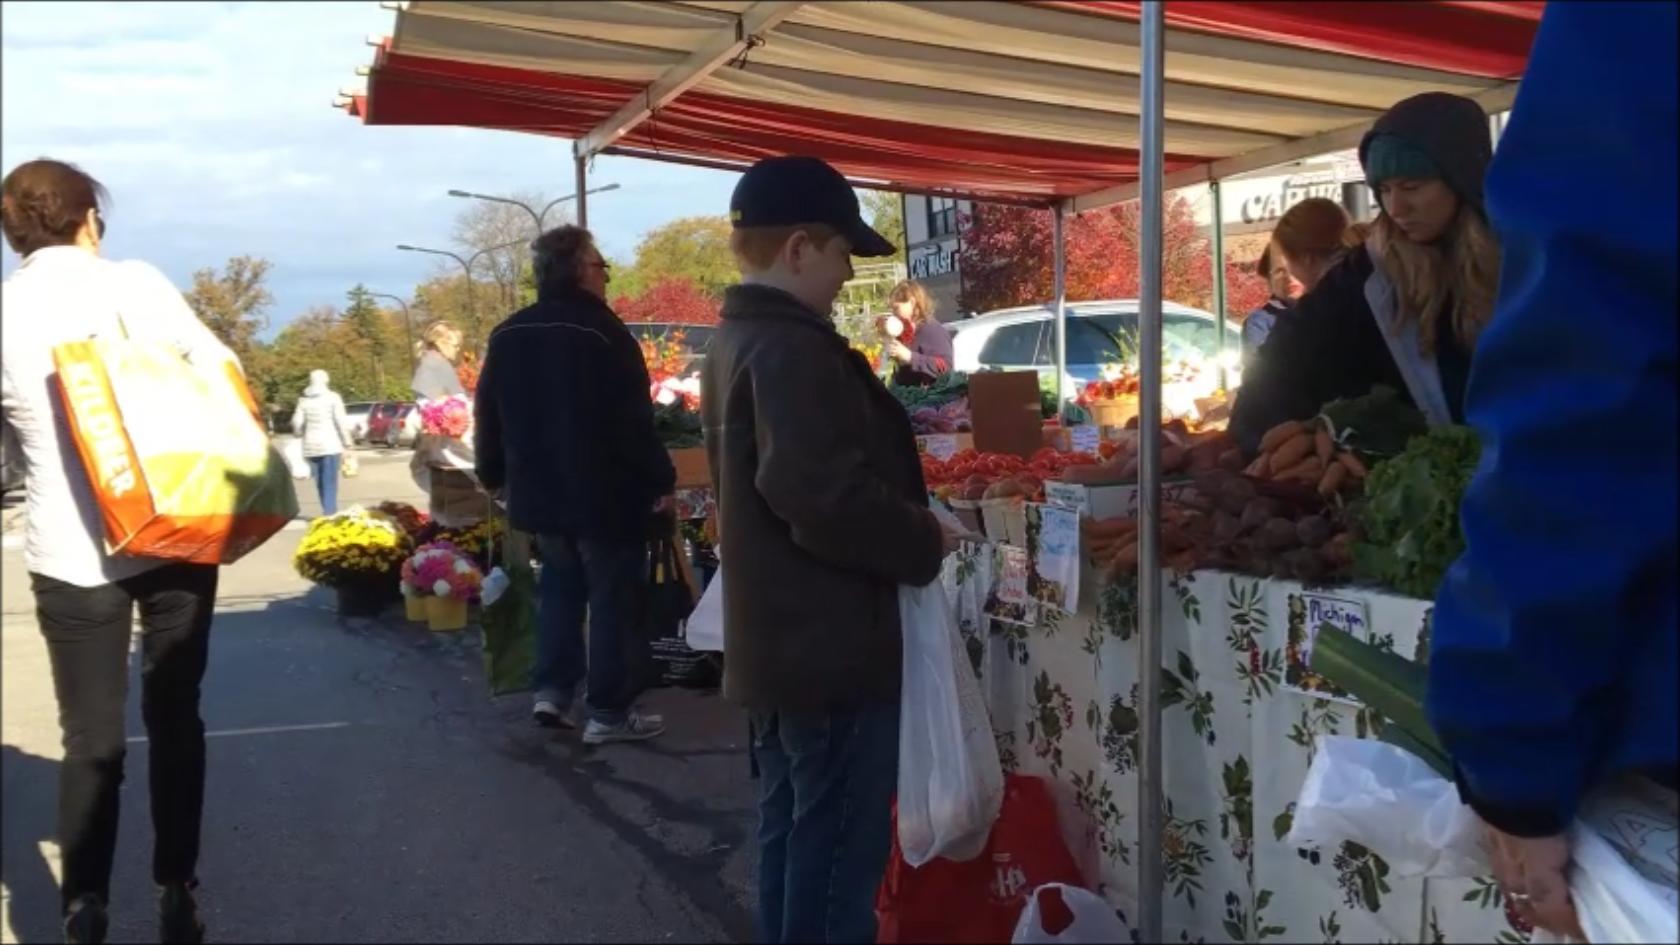 French Market in Wilmette, IL